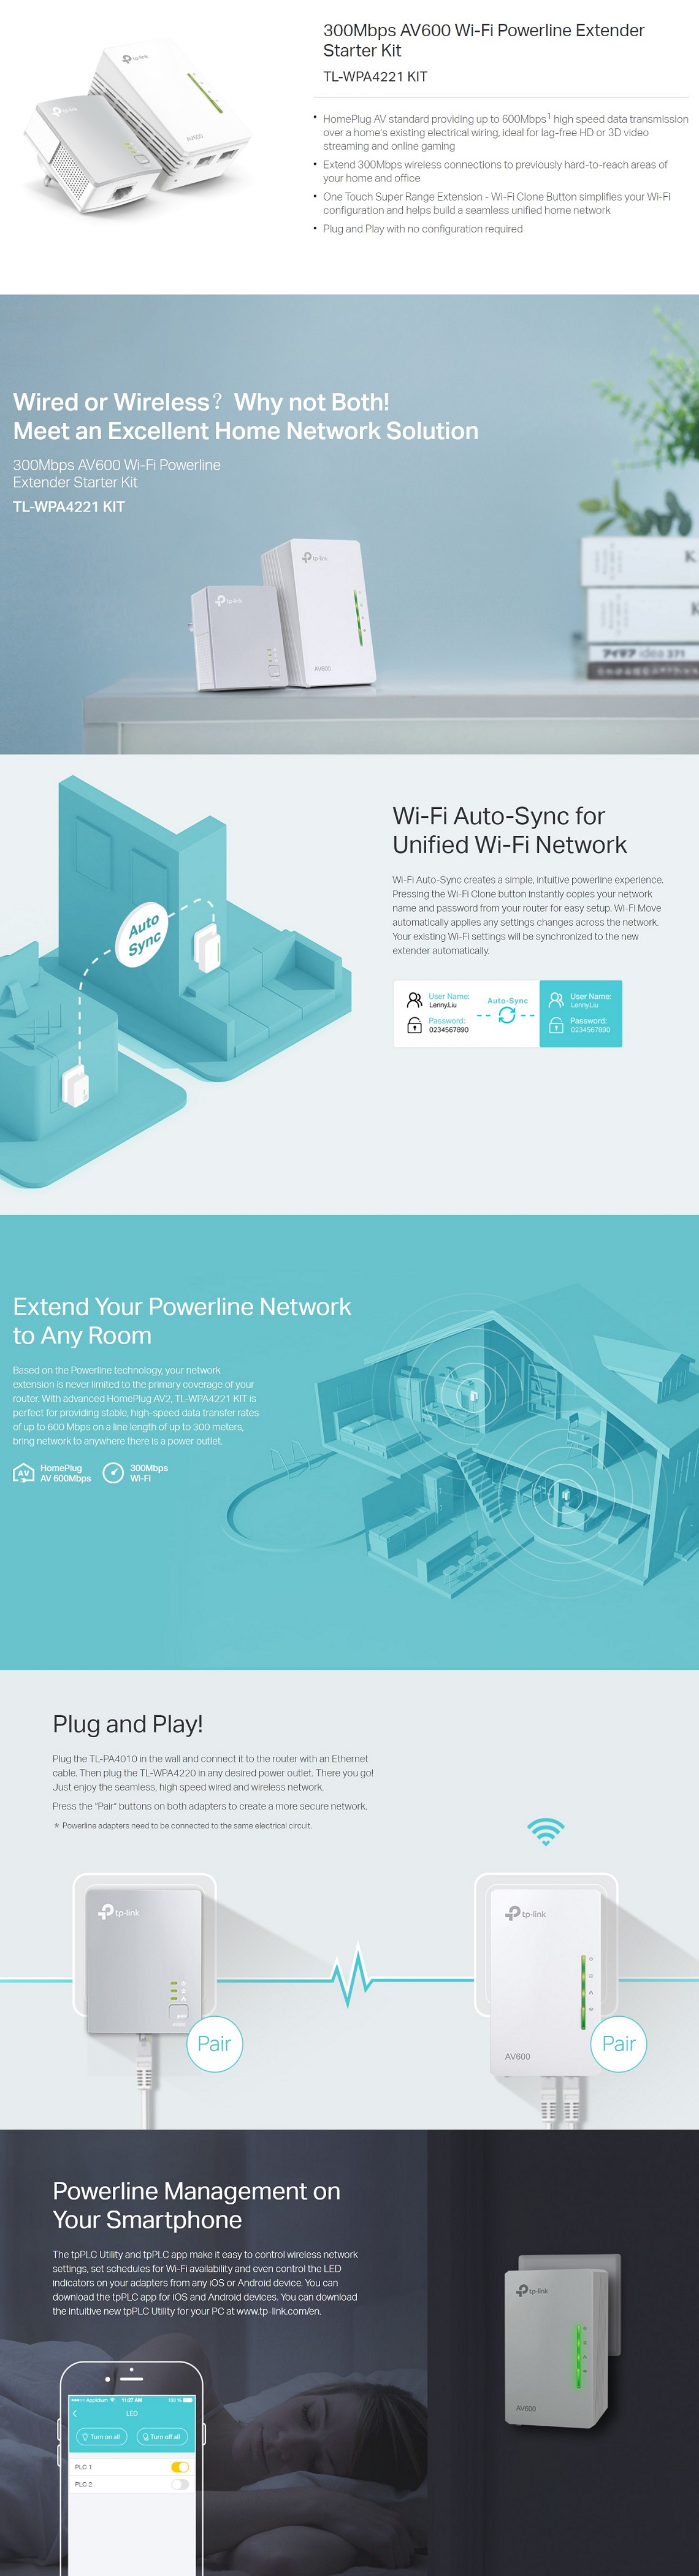 TP-Link TL-WPA4221 KIT 300Mbps AV600 Wi-Fi Powerline Extender Starter Kit